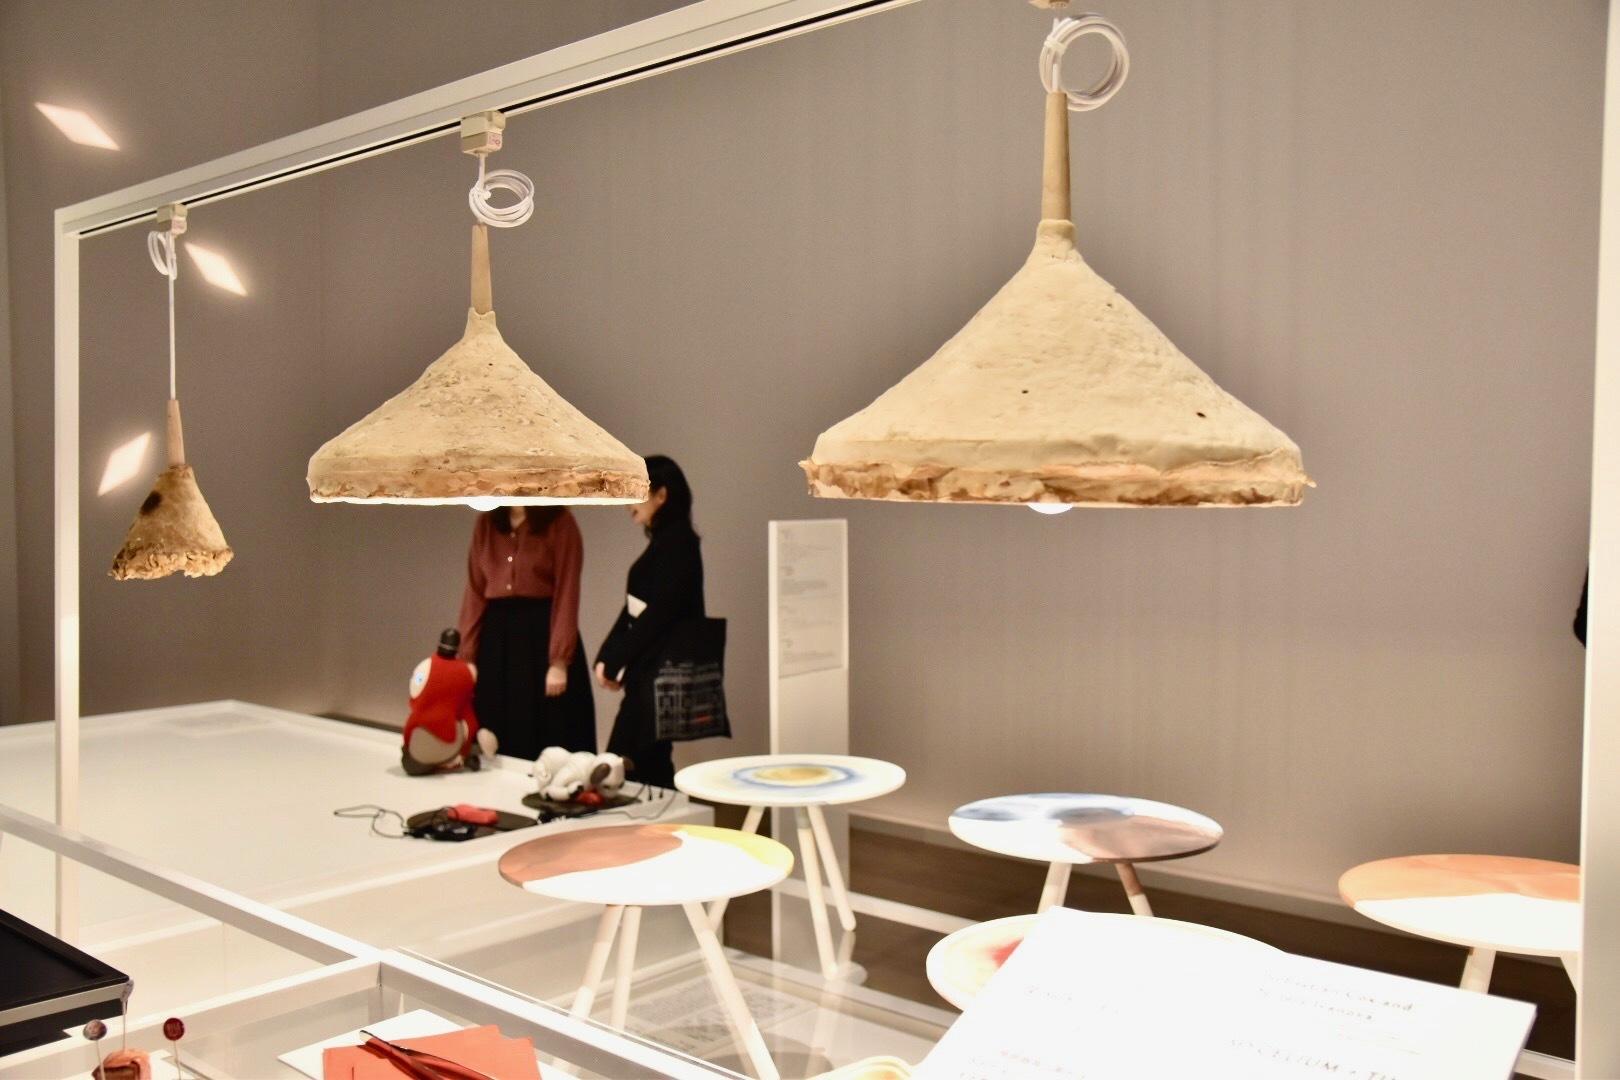 セバスチャン・コックス&ニネラ・イヴァノヴァ 《菌糸体+木材》 2017年